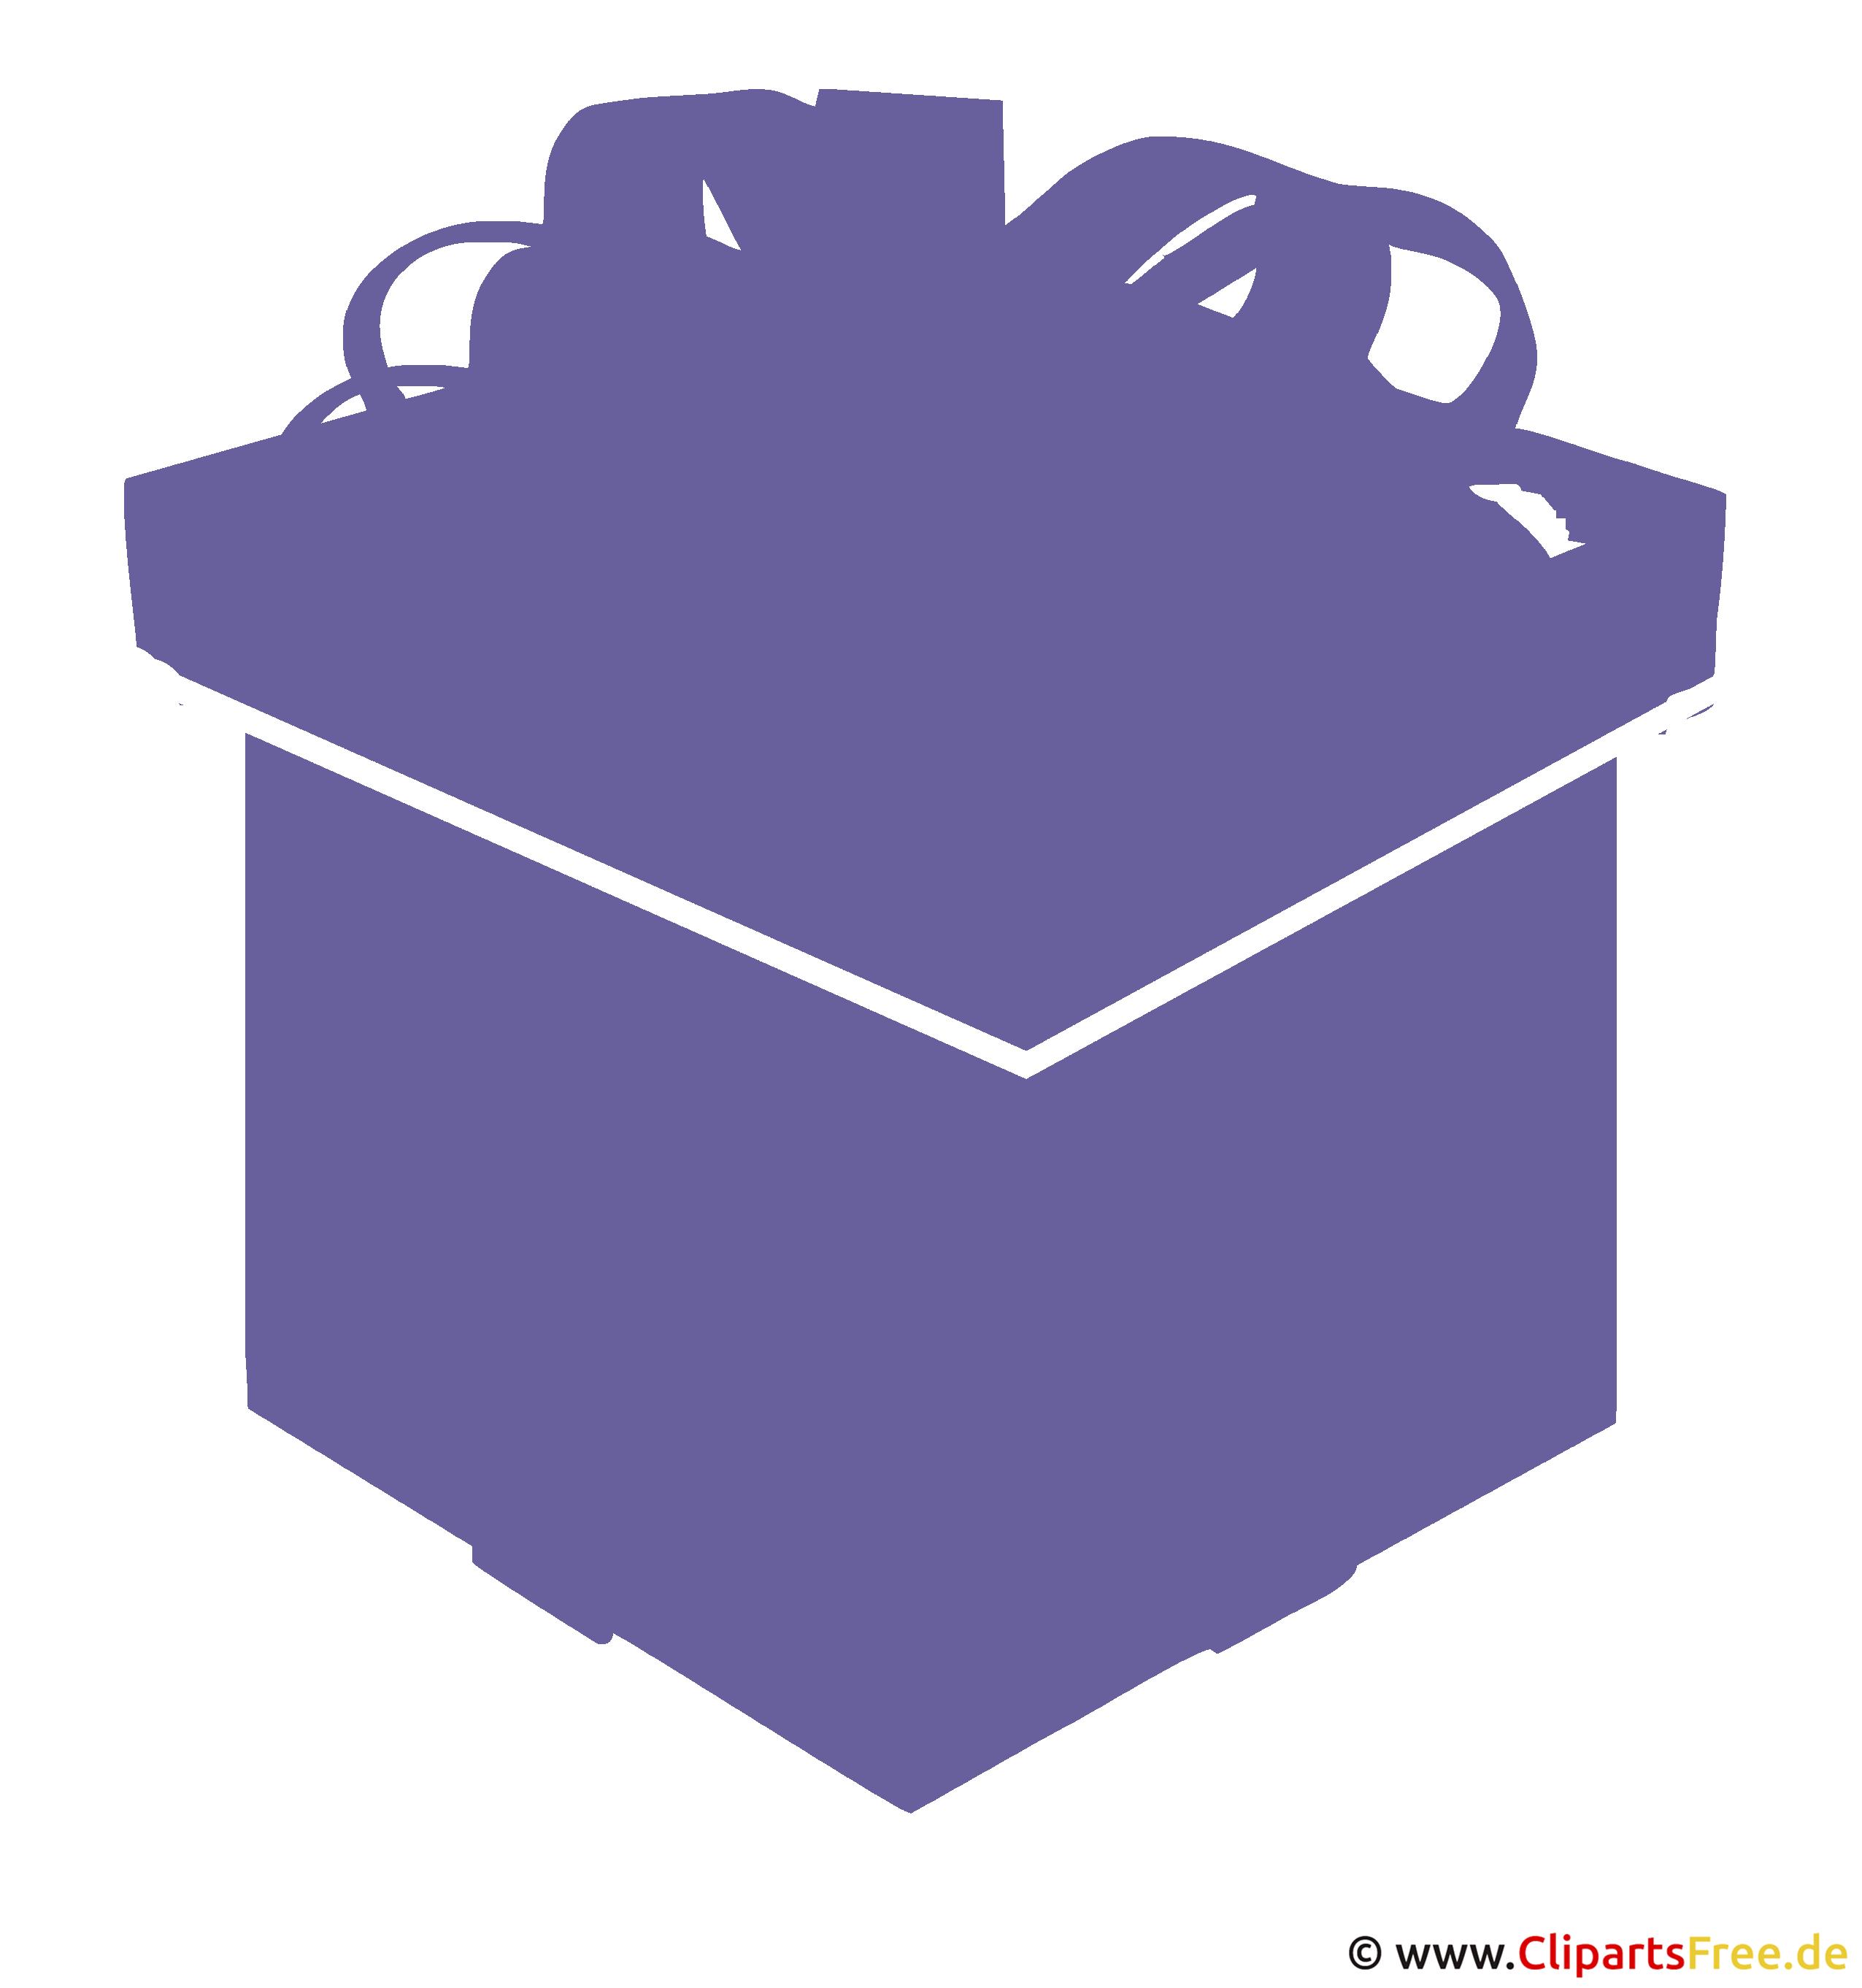 Geschenk zu Weihnachten Clip Art-Grafik